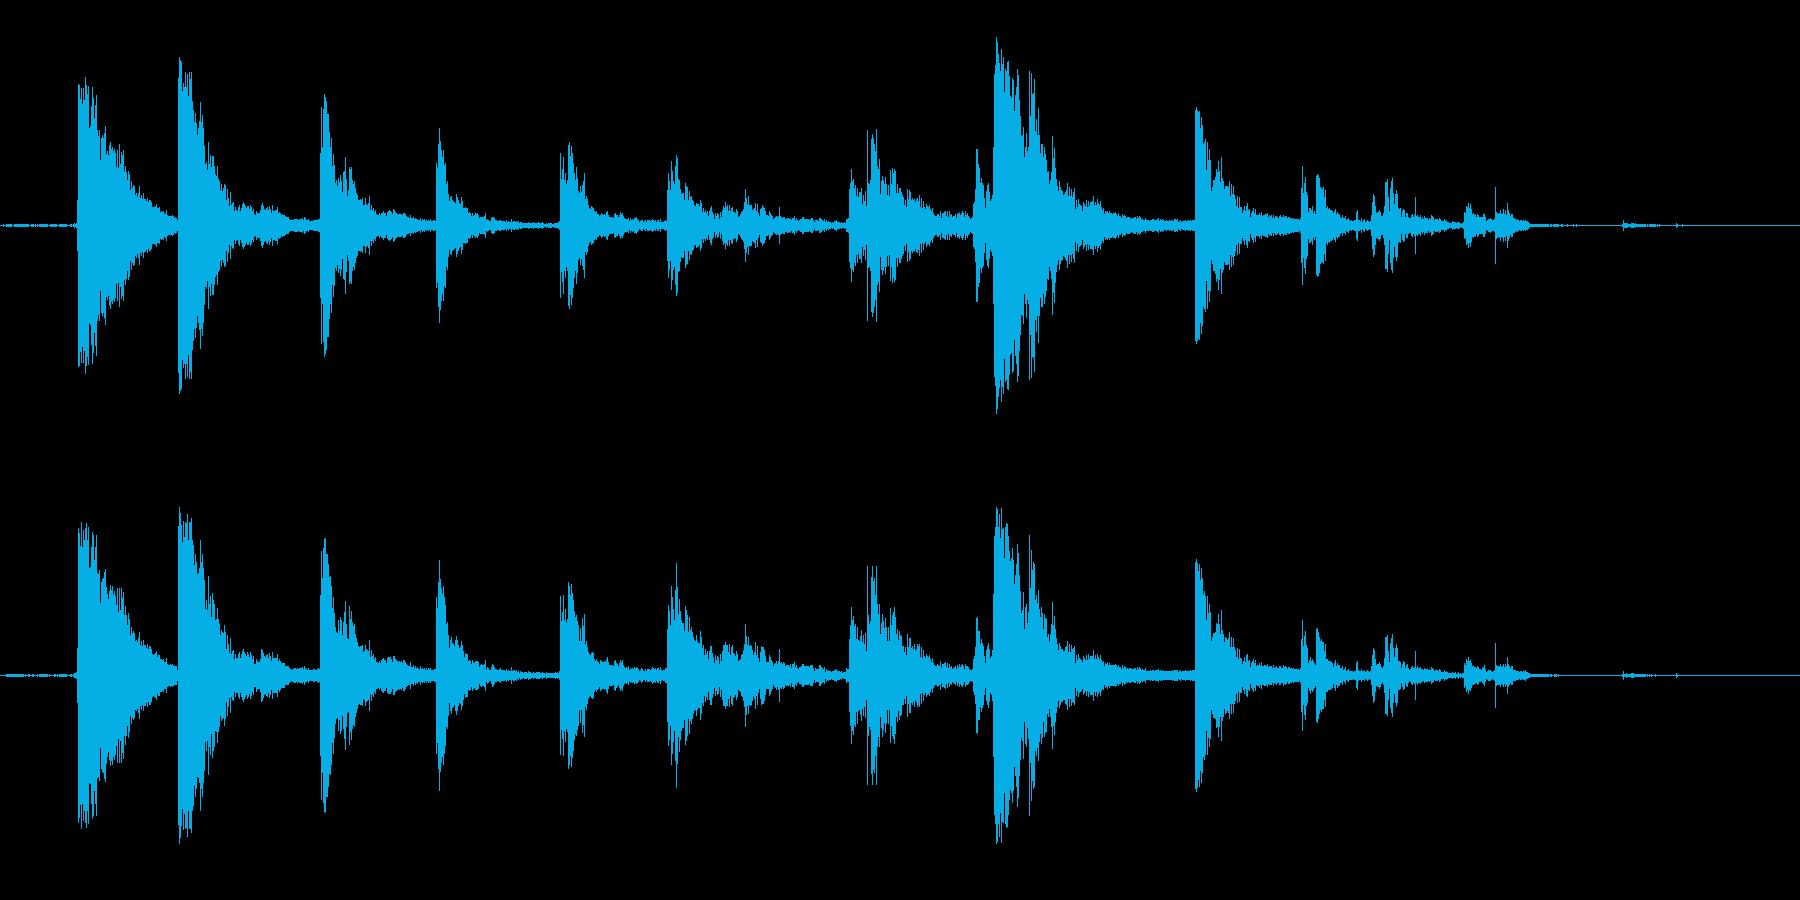 カランカラン空き缶が転がる音の再生済みの波形